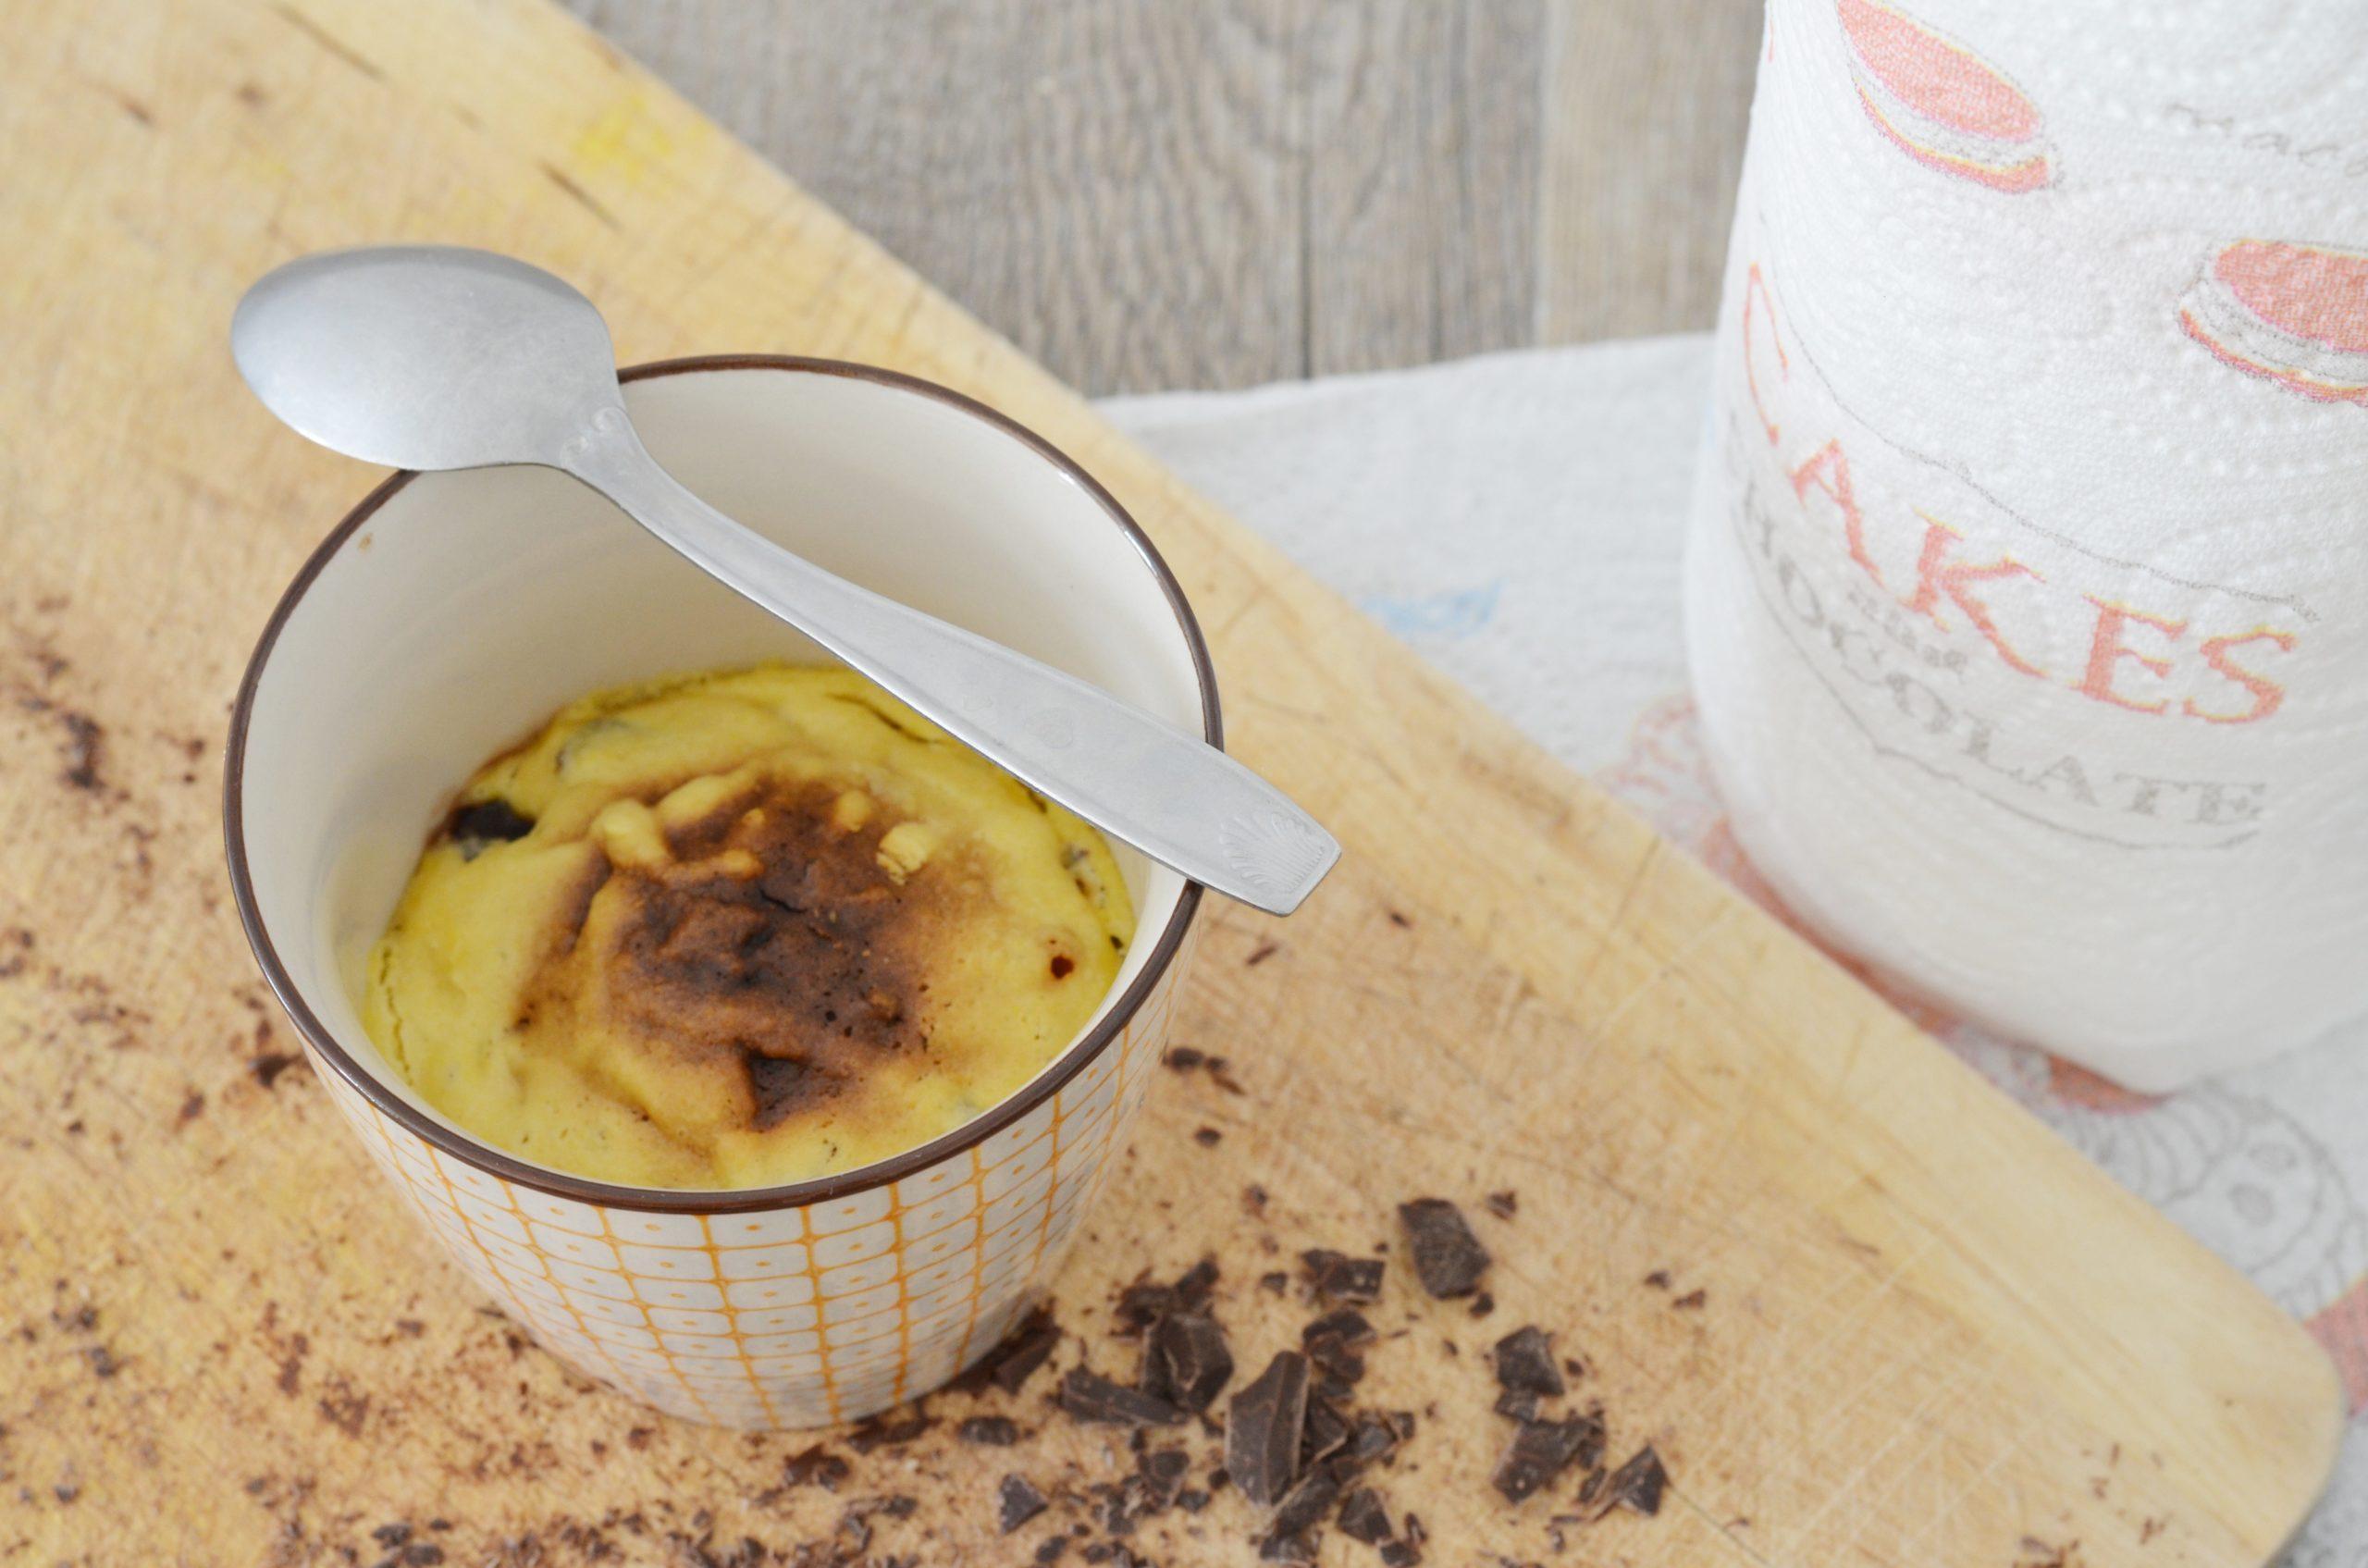 Recette mug cookie, le gâteau cuit au micro-ondes